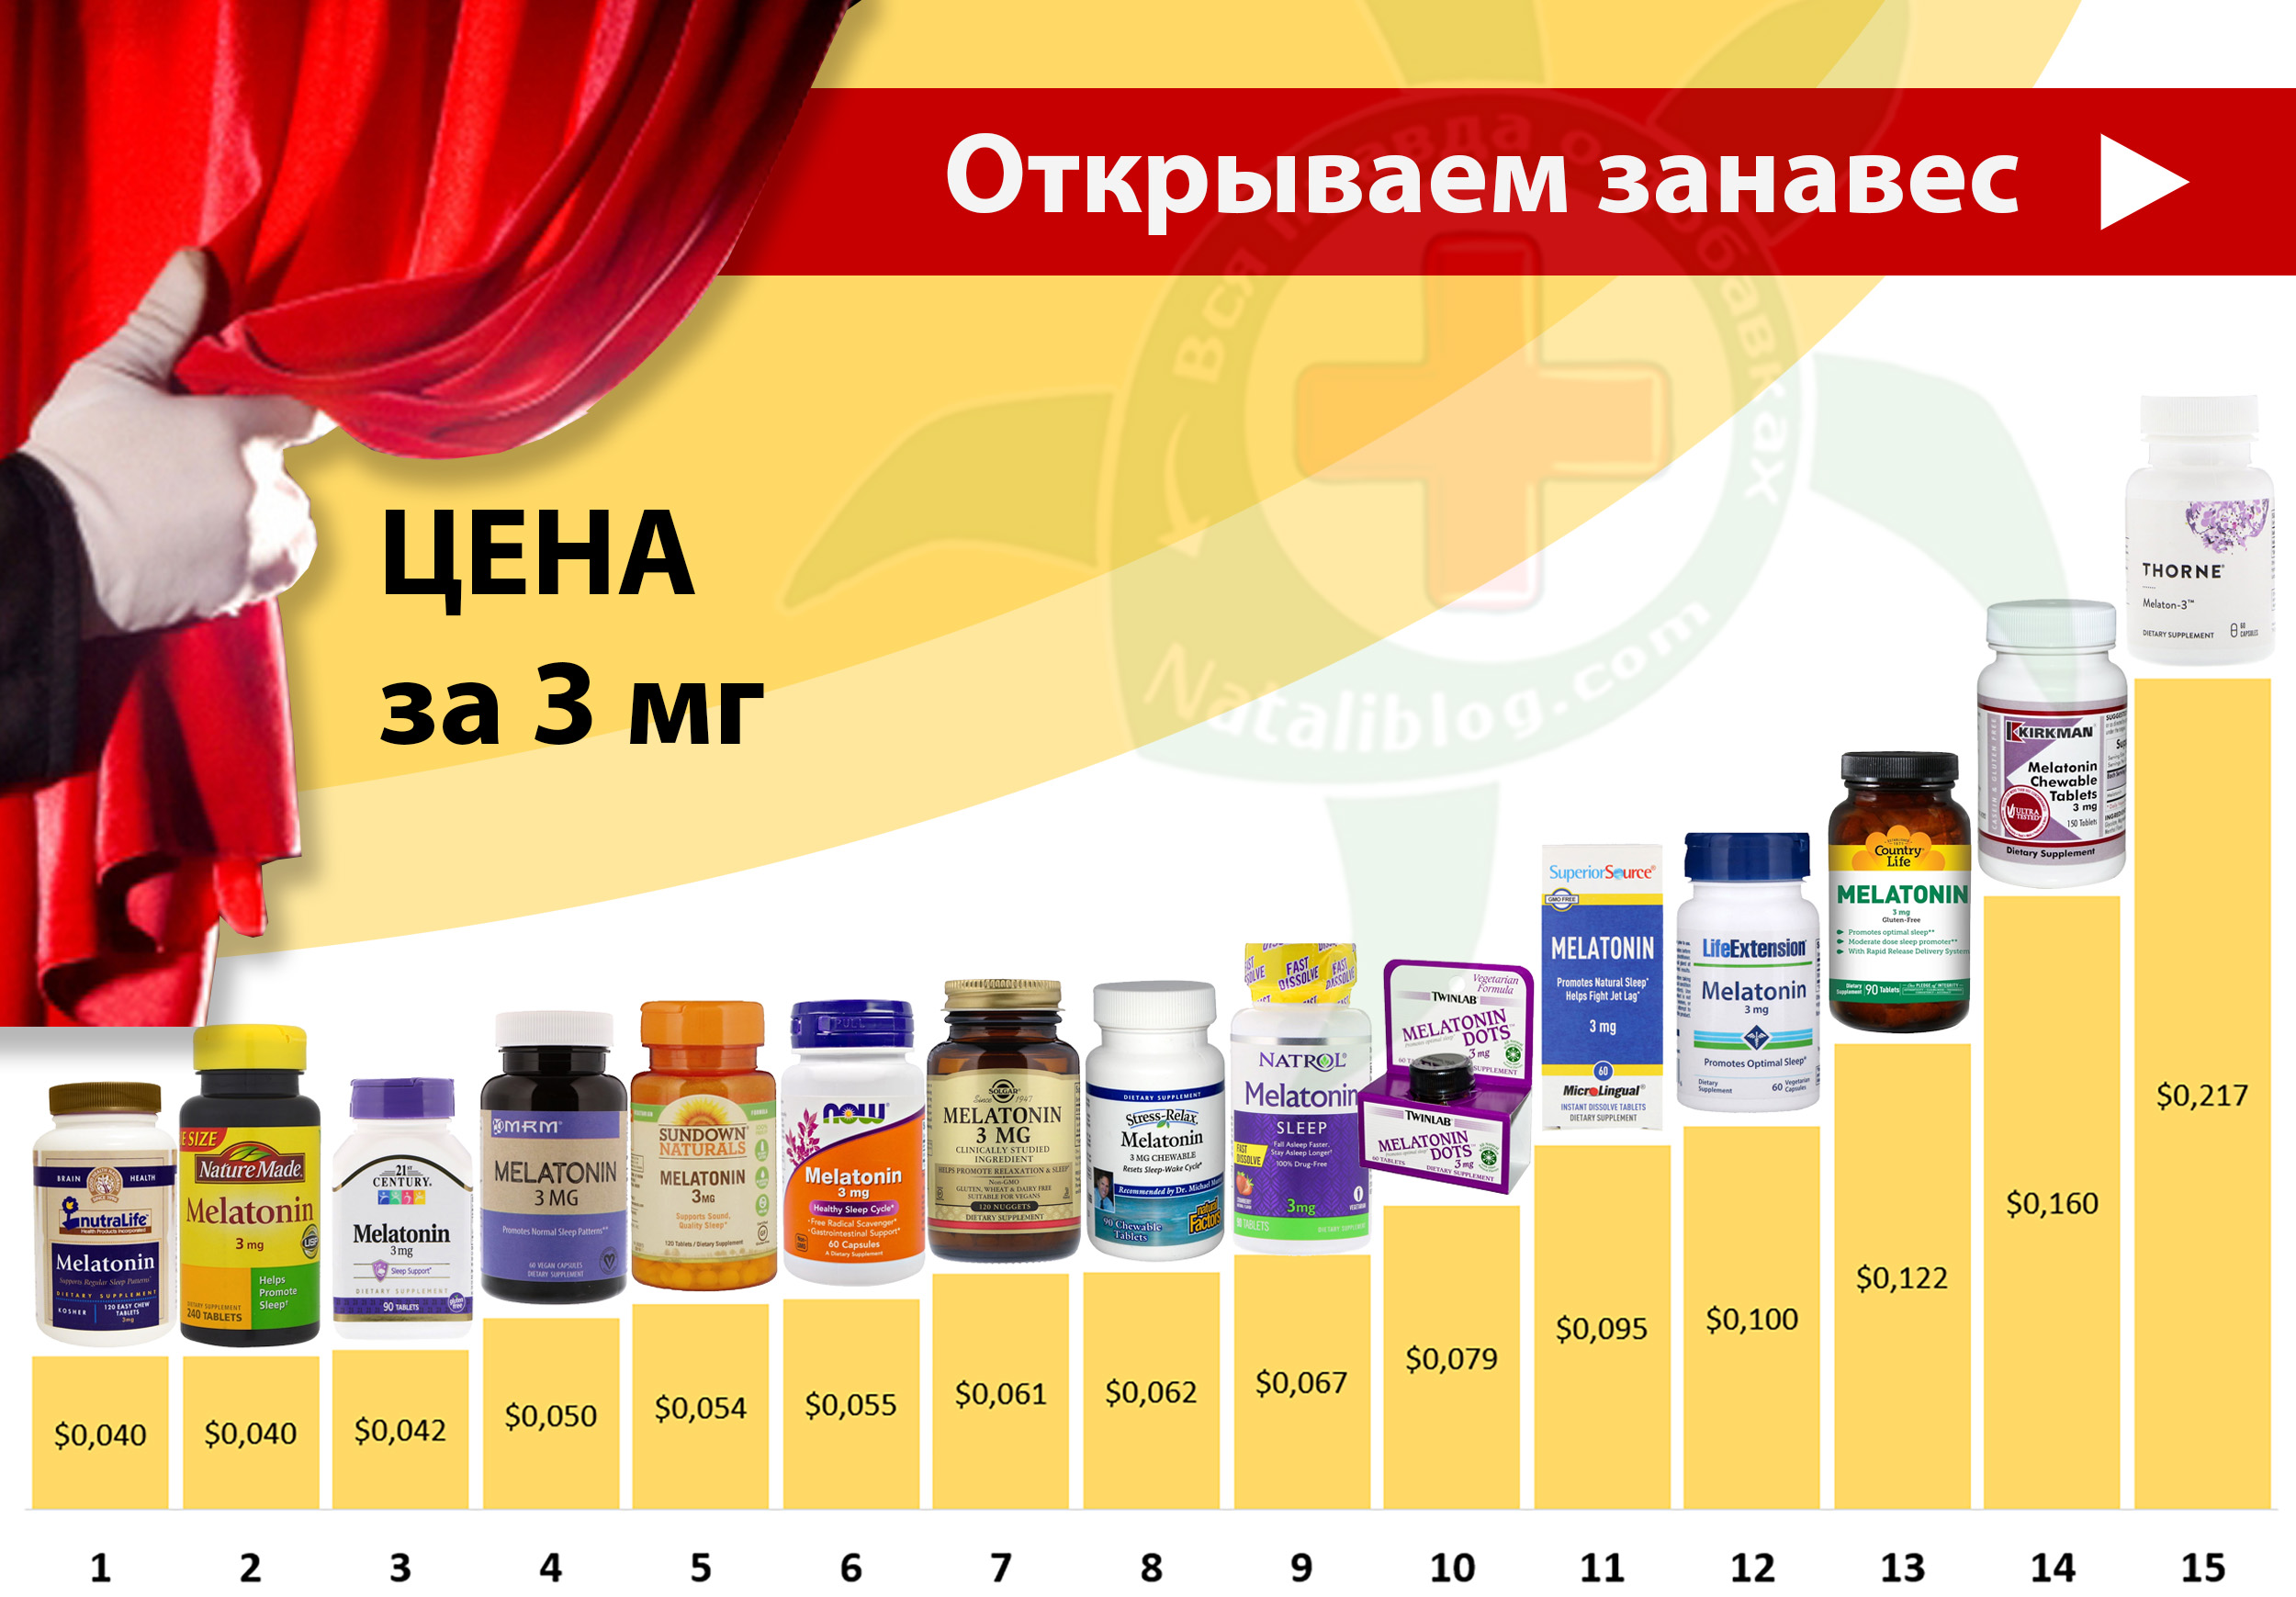 для САЙТА - Пост Мелатонин сравнение 3 мг.jpg